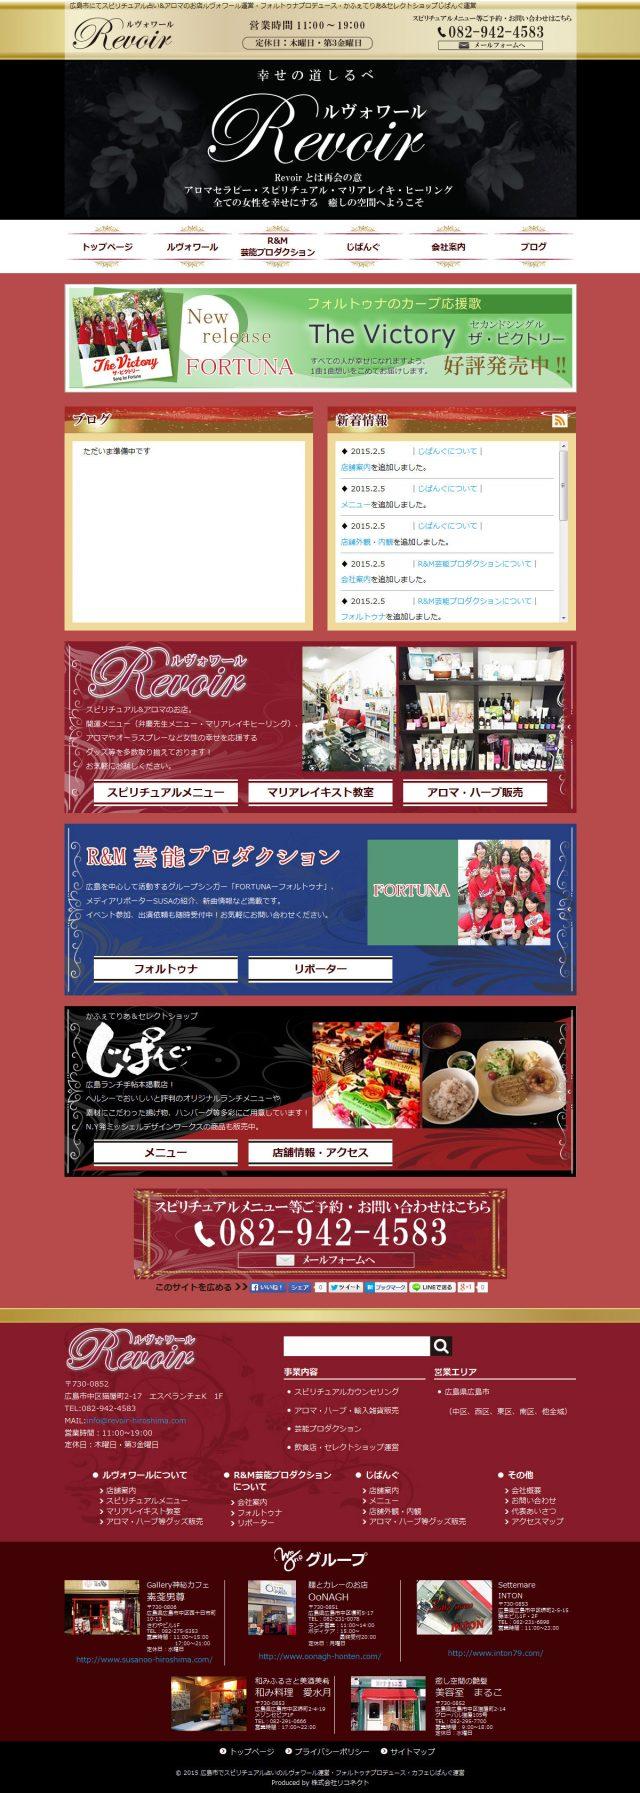 広島県広島市 スピリチュアル占い&アロマのお店・フォルトゥナプロデュース・かふぇてりあ&セレクトショップ運営のルヴォワール 様